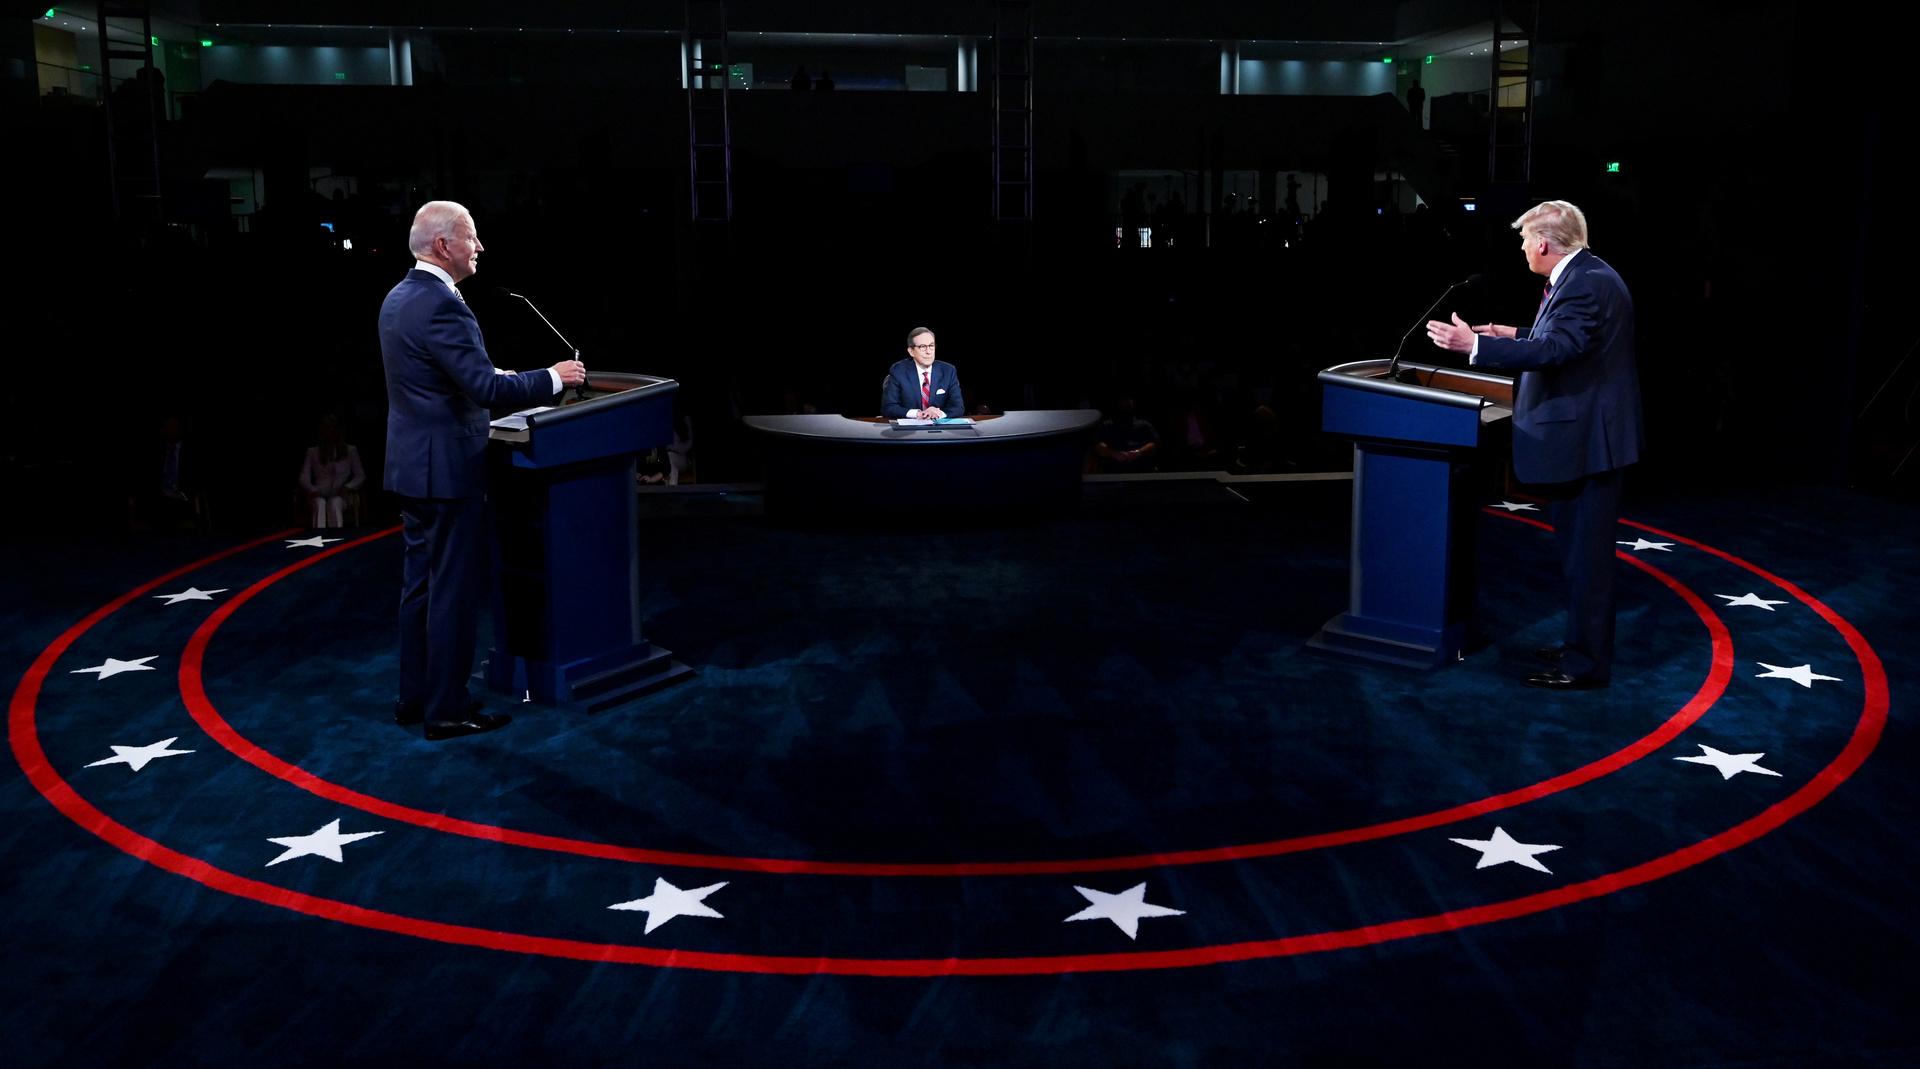 استطلاع: أكثر من نصف الأمريكيين يعتبرون بايدن الفائز في المناظرة مع ترامب